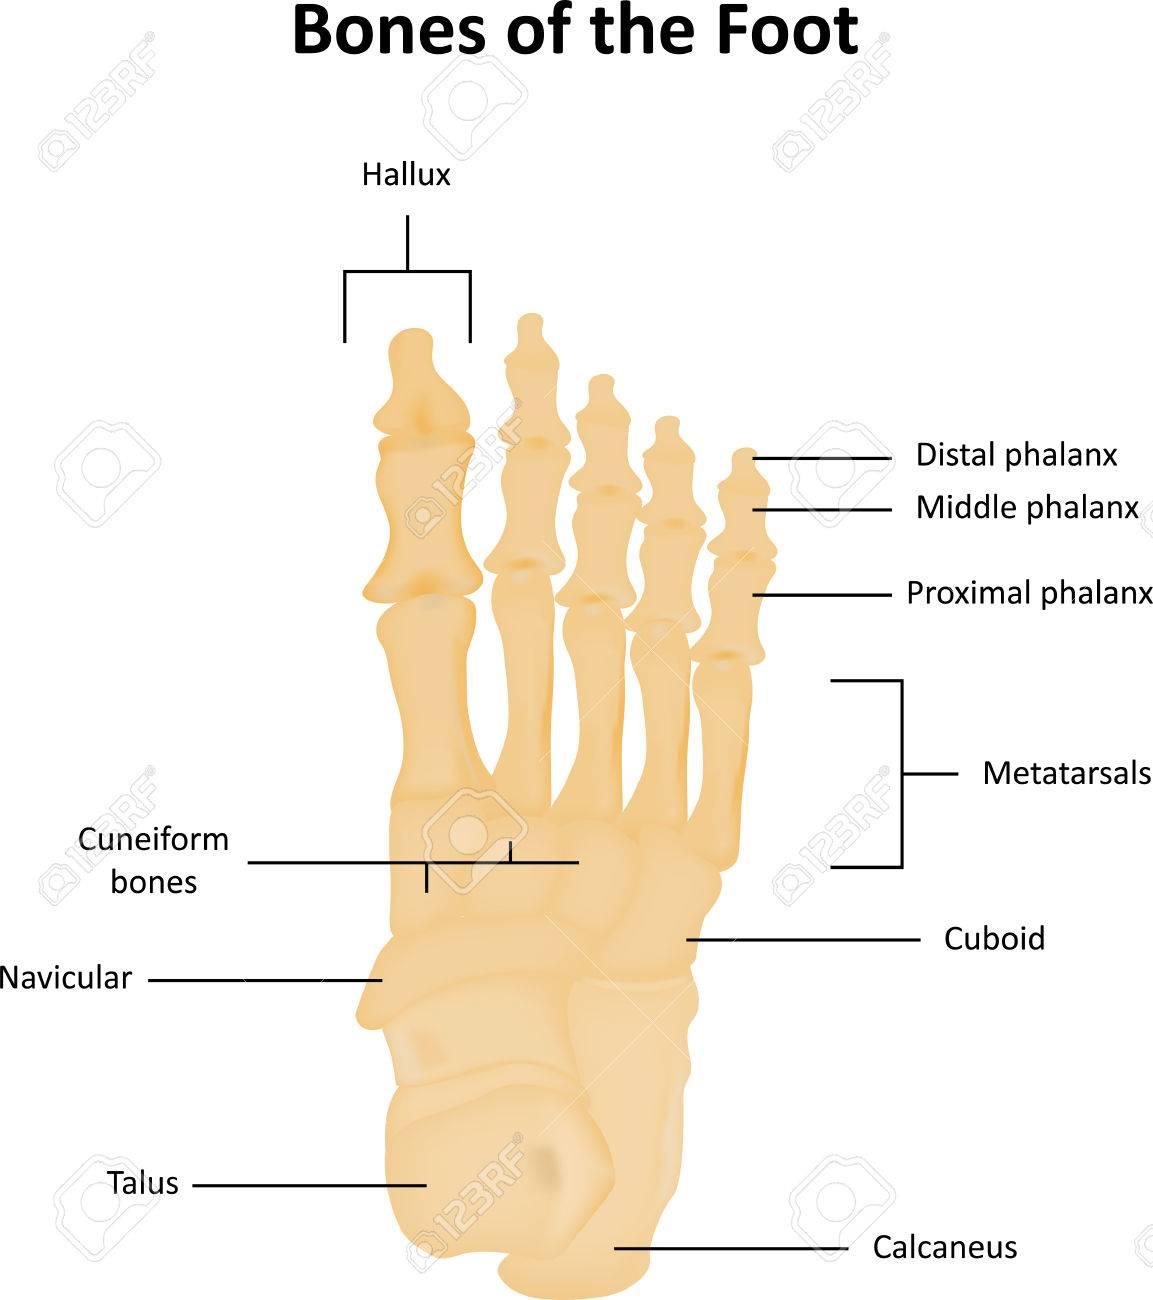 Tarsal Bones Of The Foot Anatomical Royalty Free Cliparts, Vectors ...